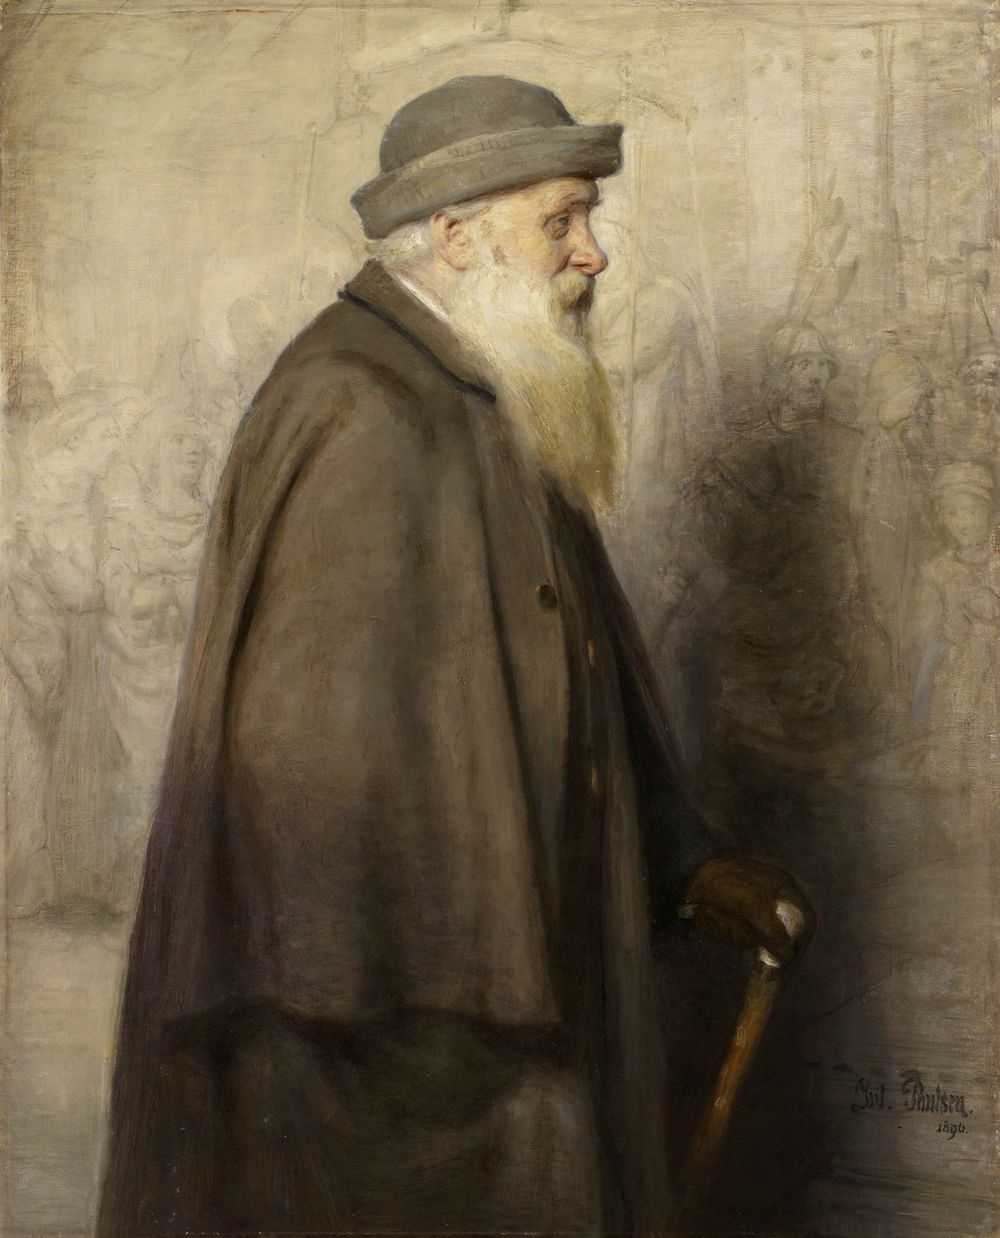 Tanskalaisen taidemaalari Lorenz Fröhlichin muotokuva